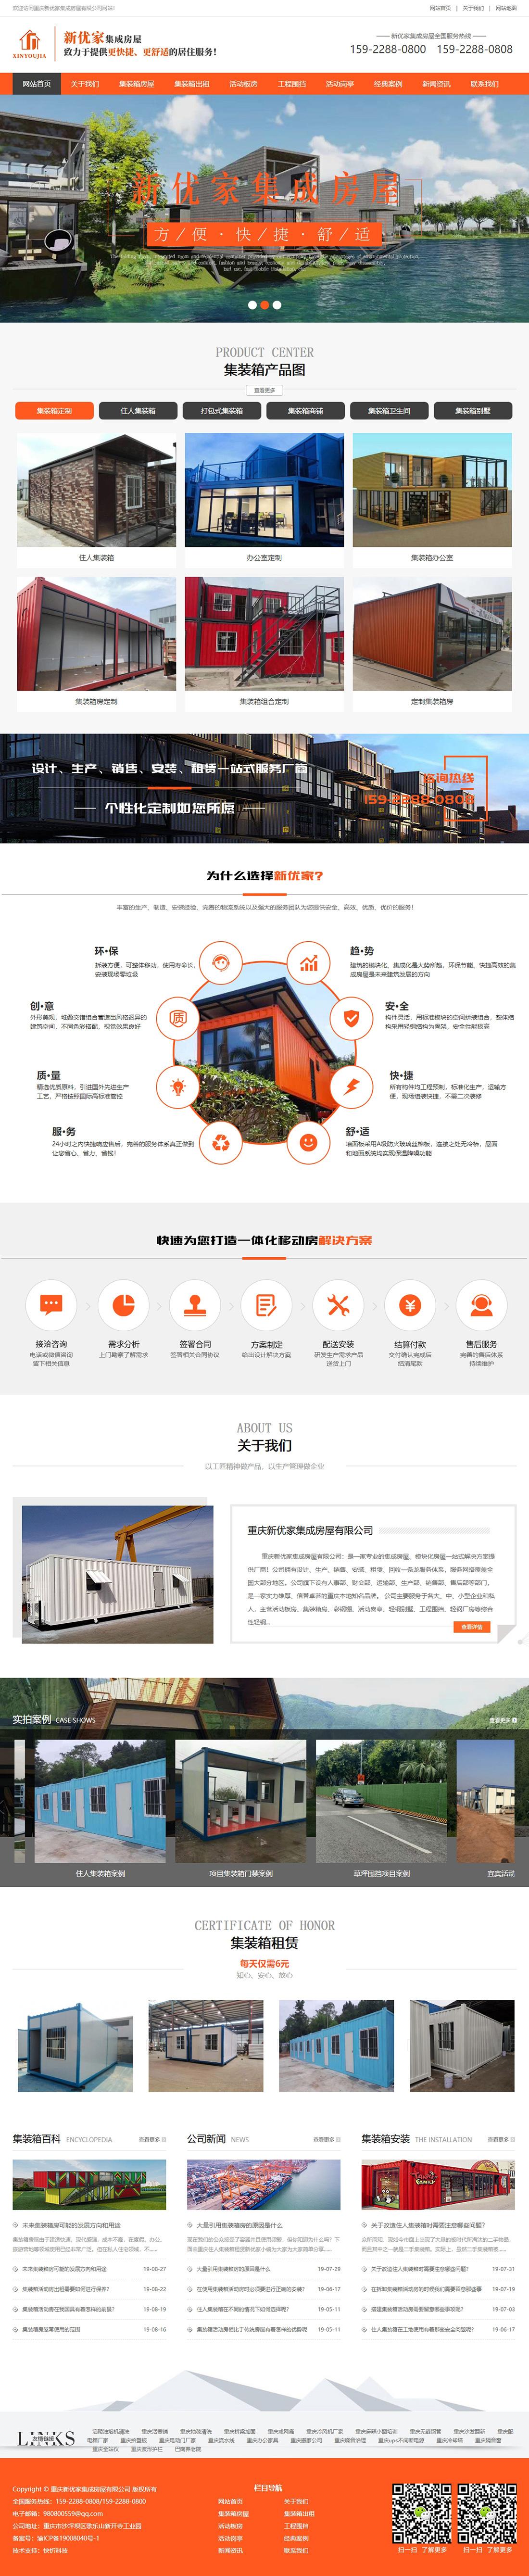 重庆新优家集成房屋有限公司网站